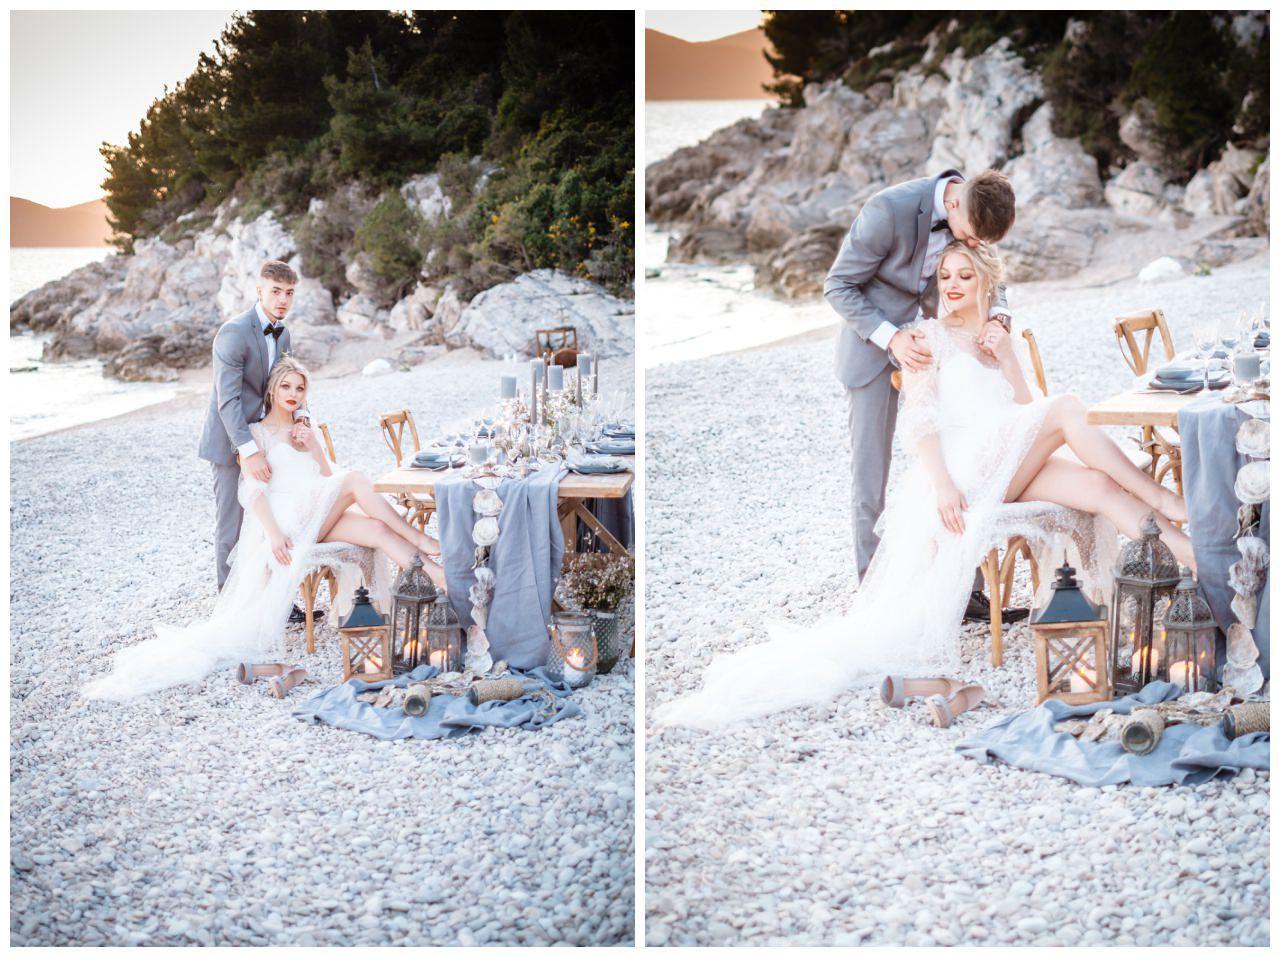 Hochzeit Strand Kroatien Hochzetsplanung Hochzeitsplaner Fotograf 2 - Kleine Hochzeit am Strand